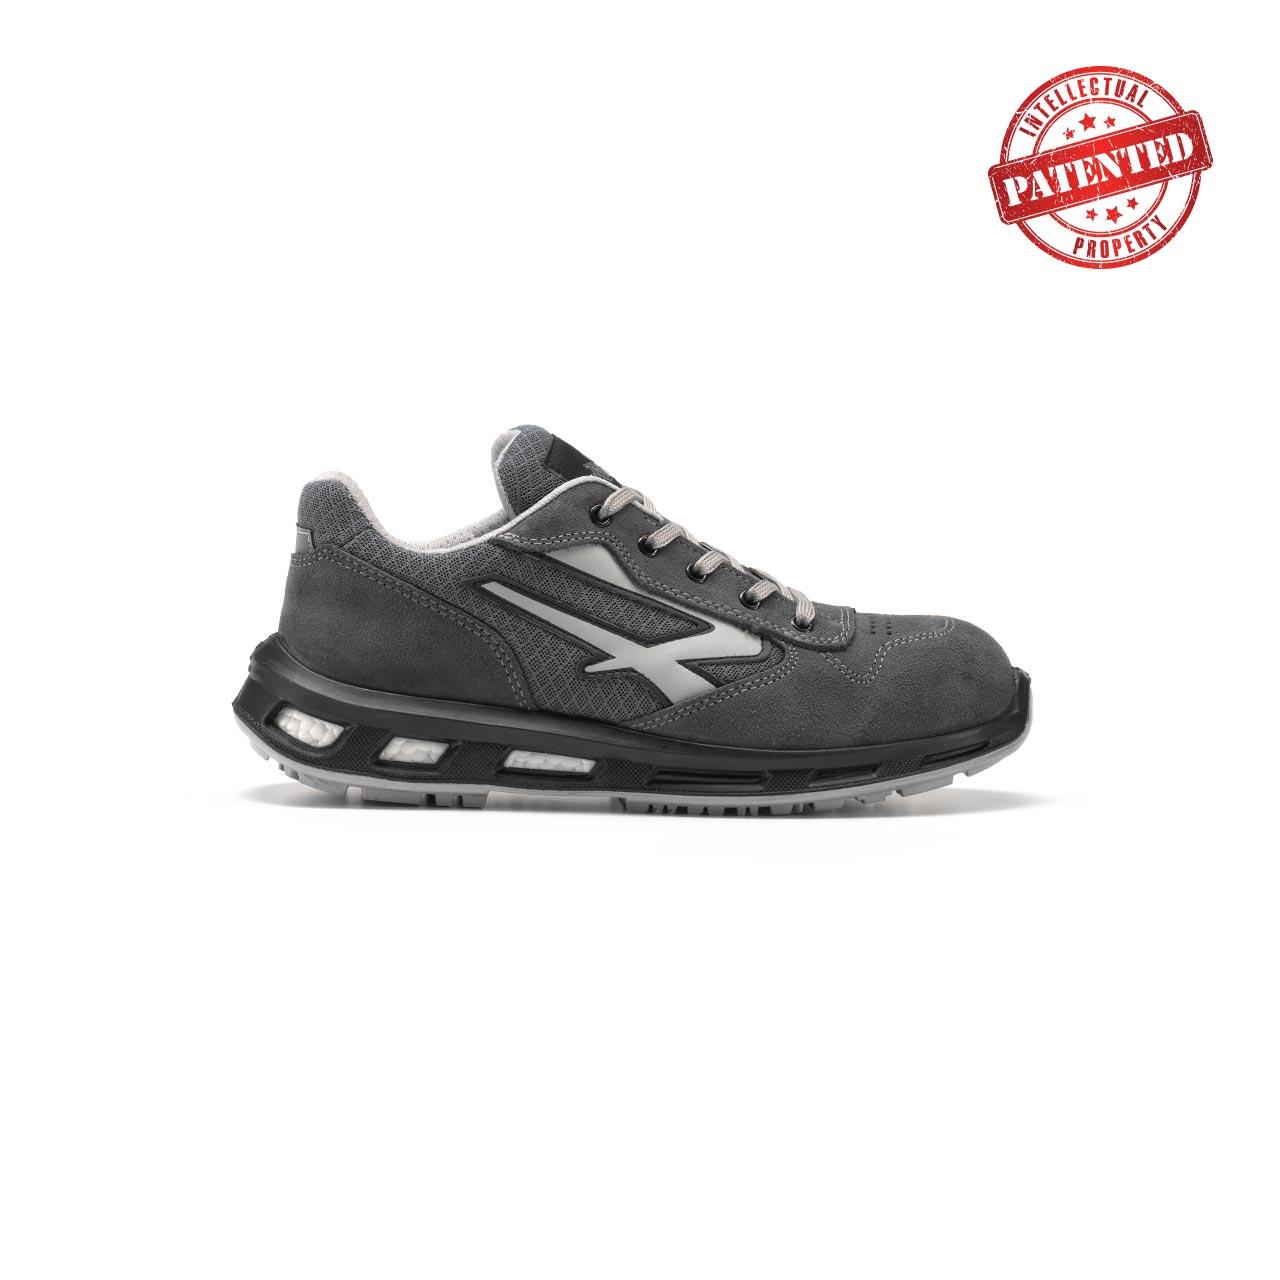 calzatura da lavoro upower modello push linea redlion vista lato destro